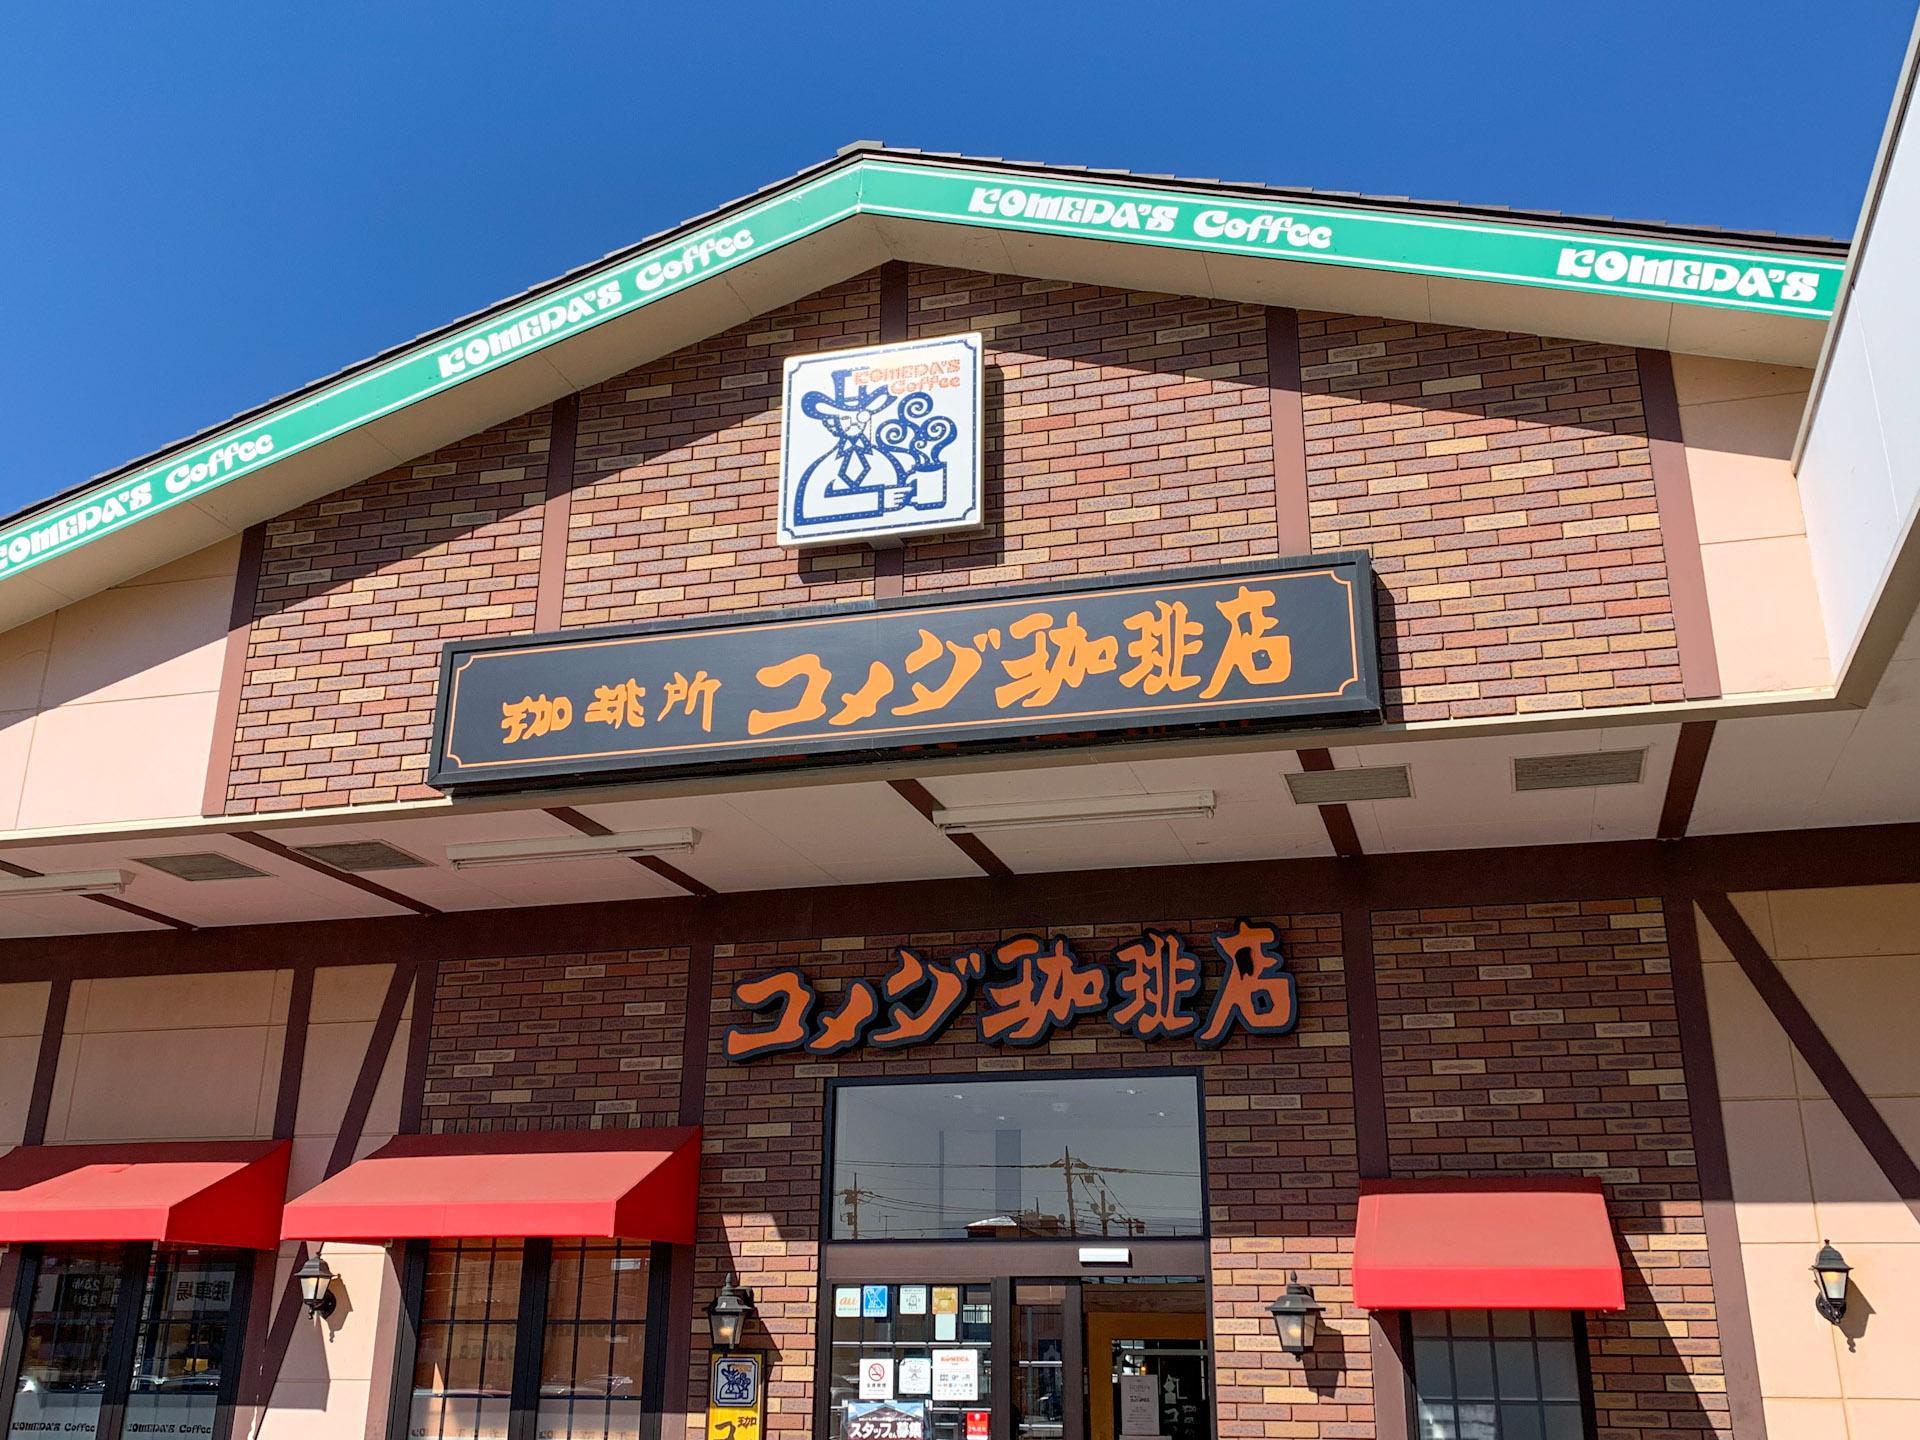 コメダ珈琲店の人気メニューまとめ!店舗情報や知っておきたいお得な情報も満載